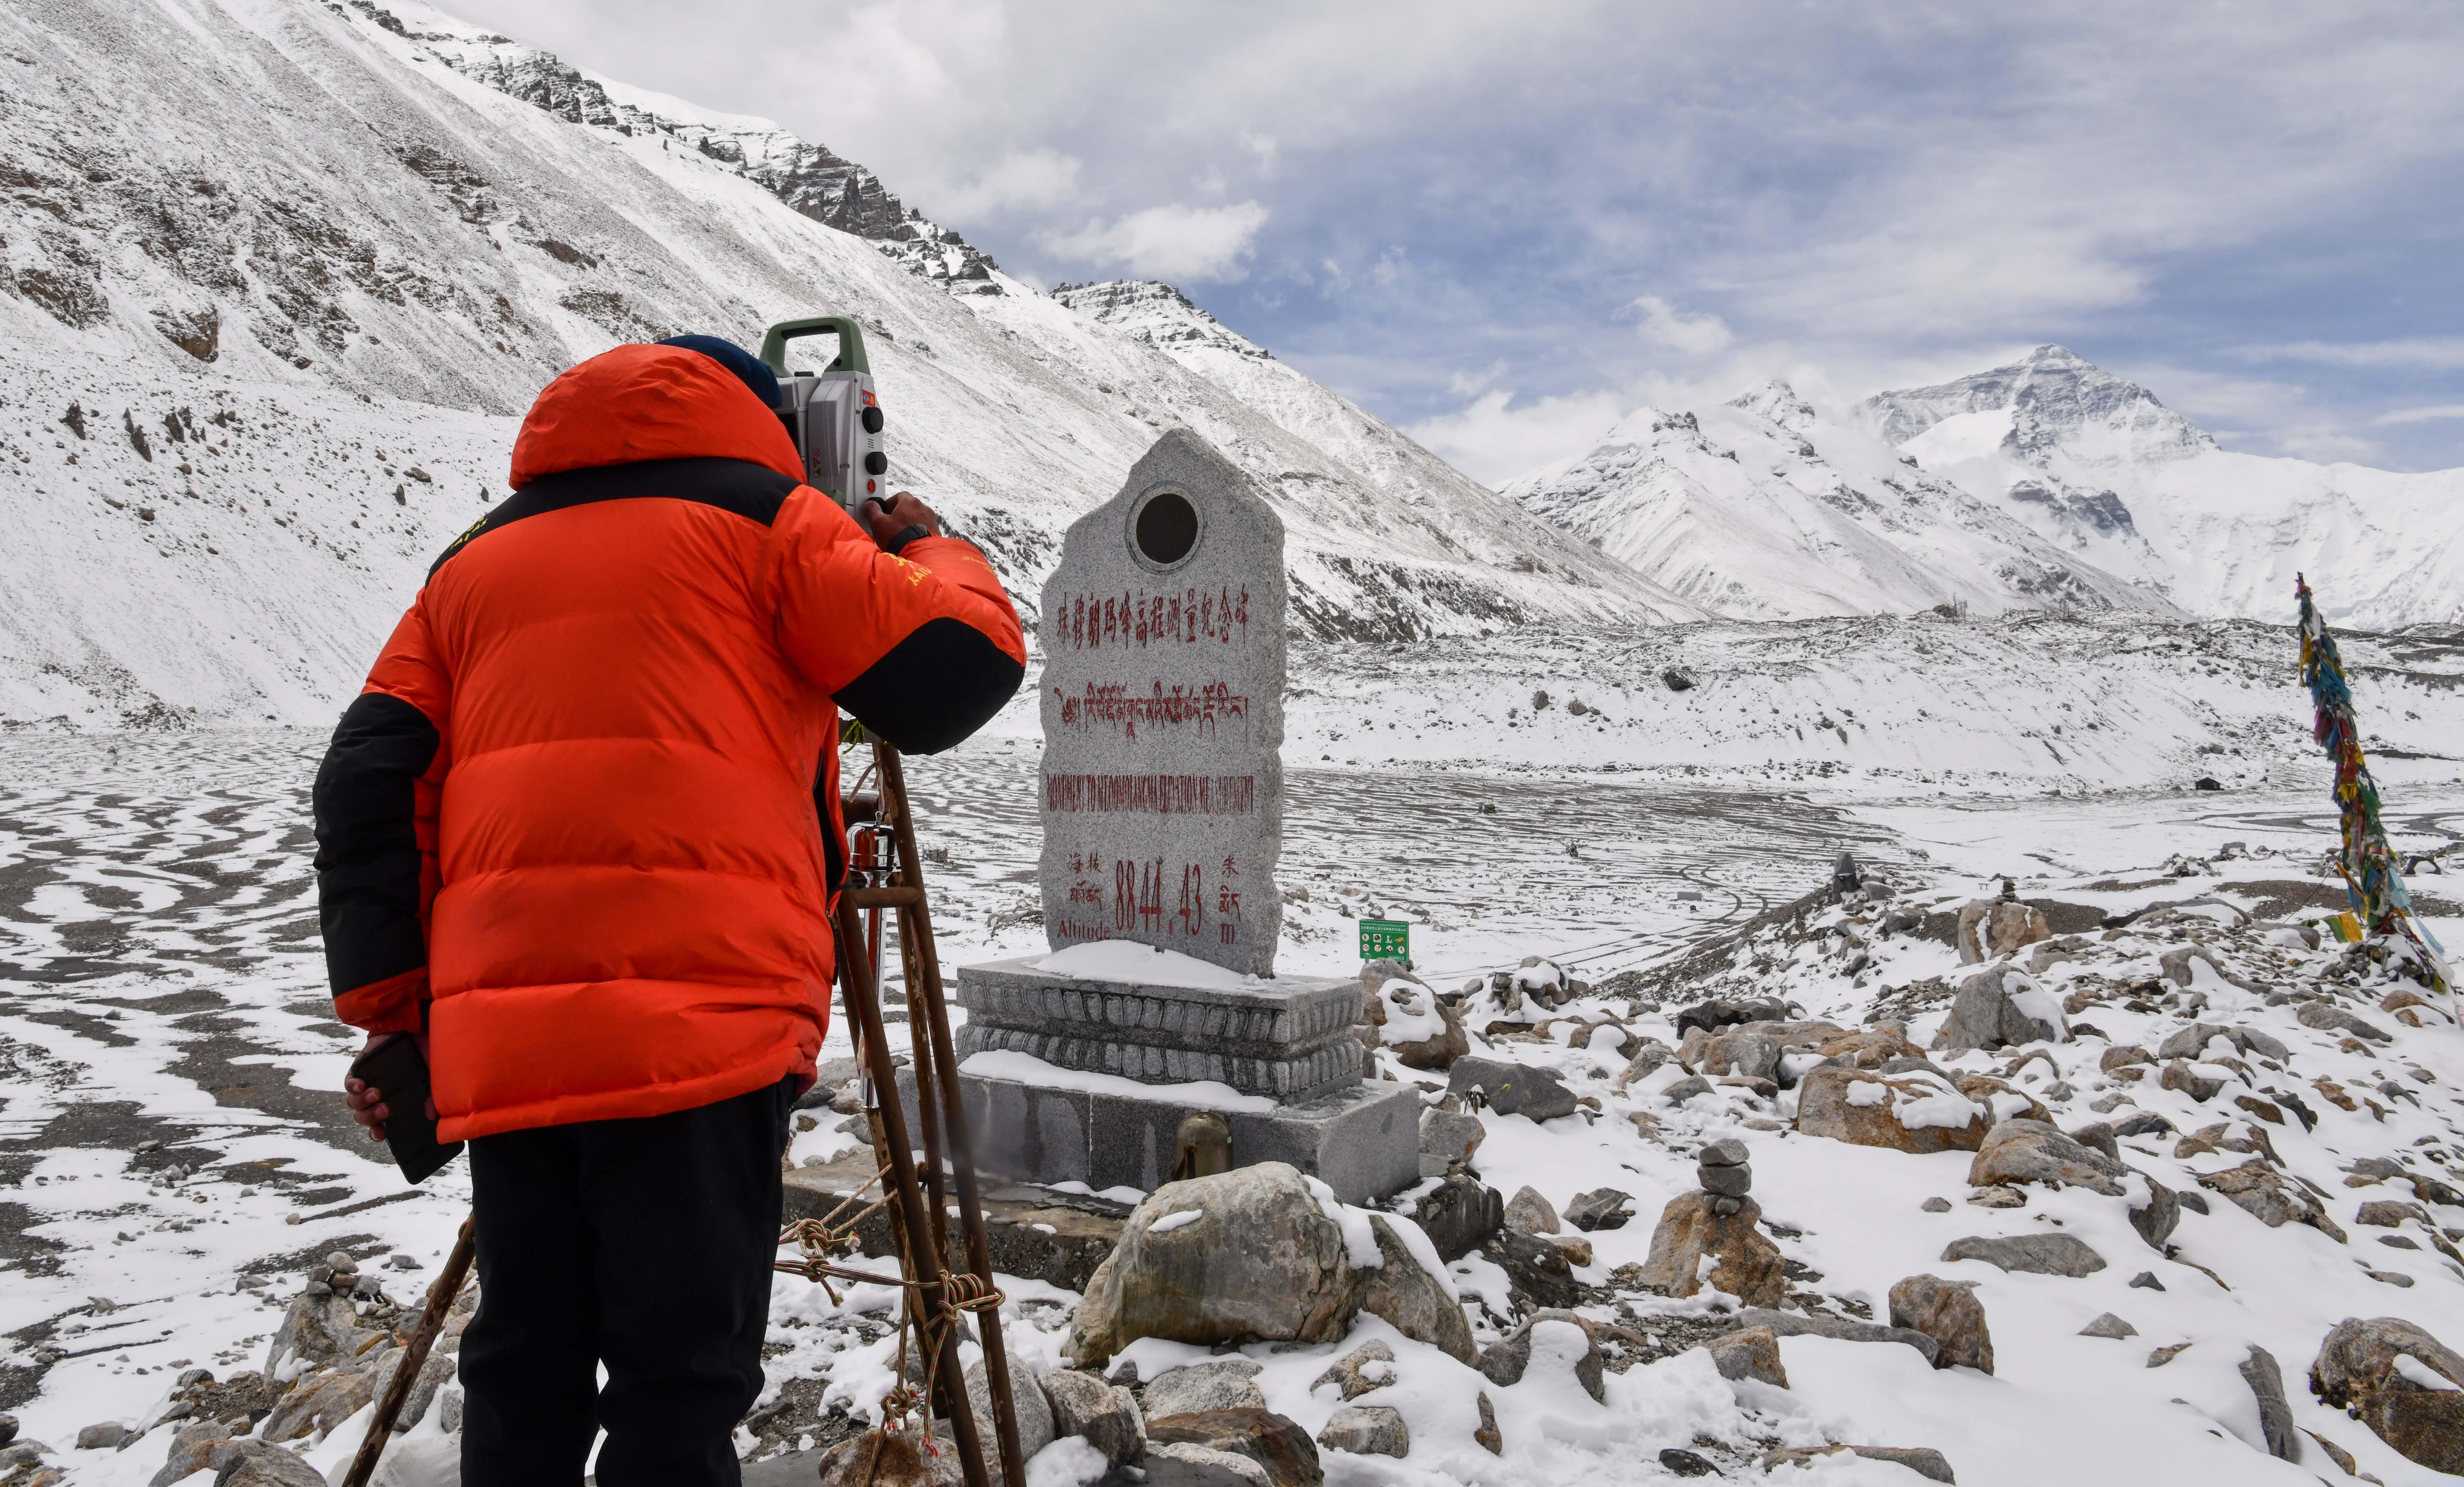 自然资源部第一大地测量队对珠峰峰顶进行交会观测